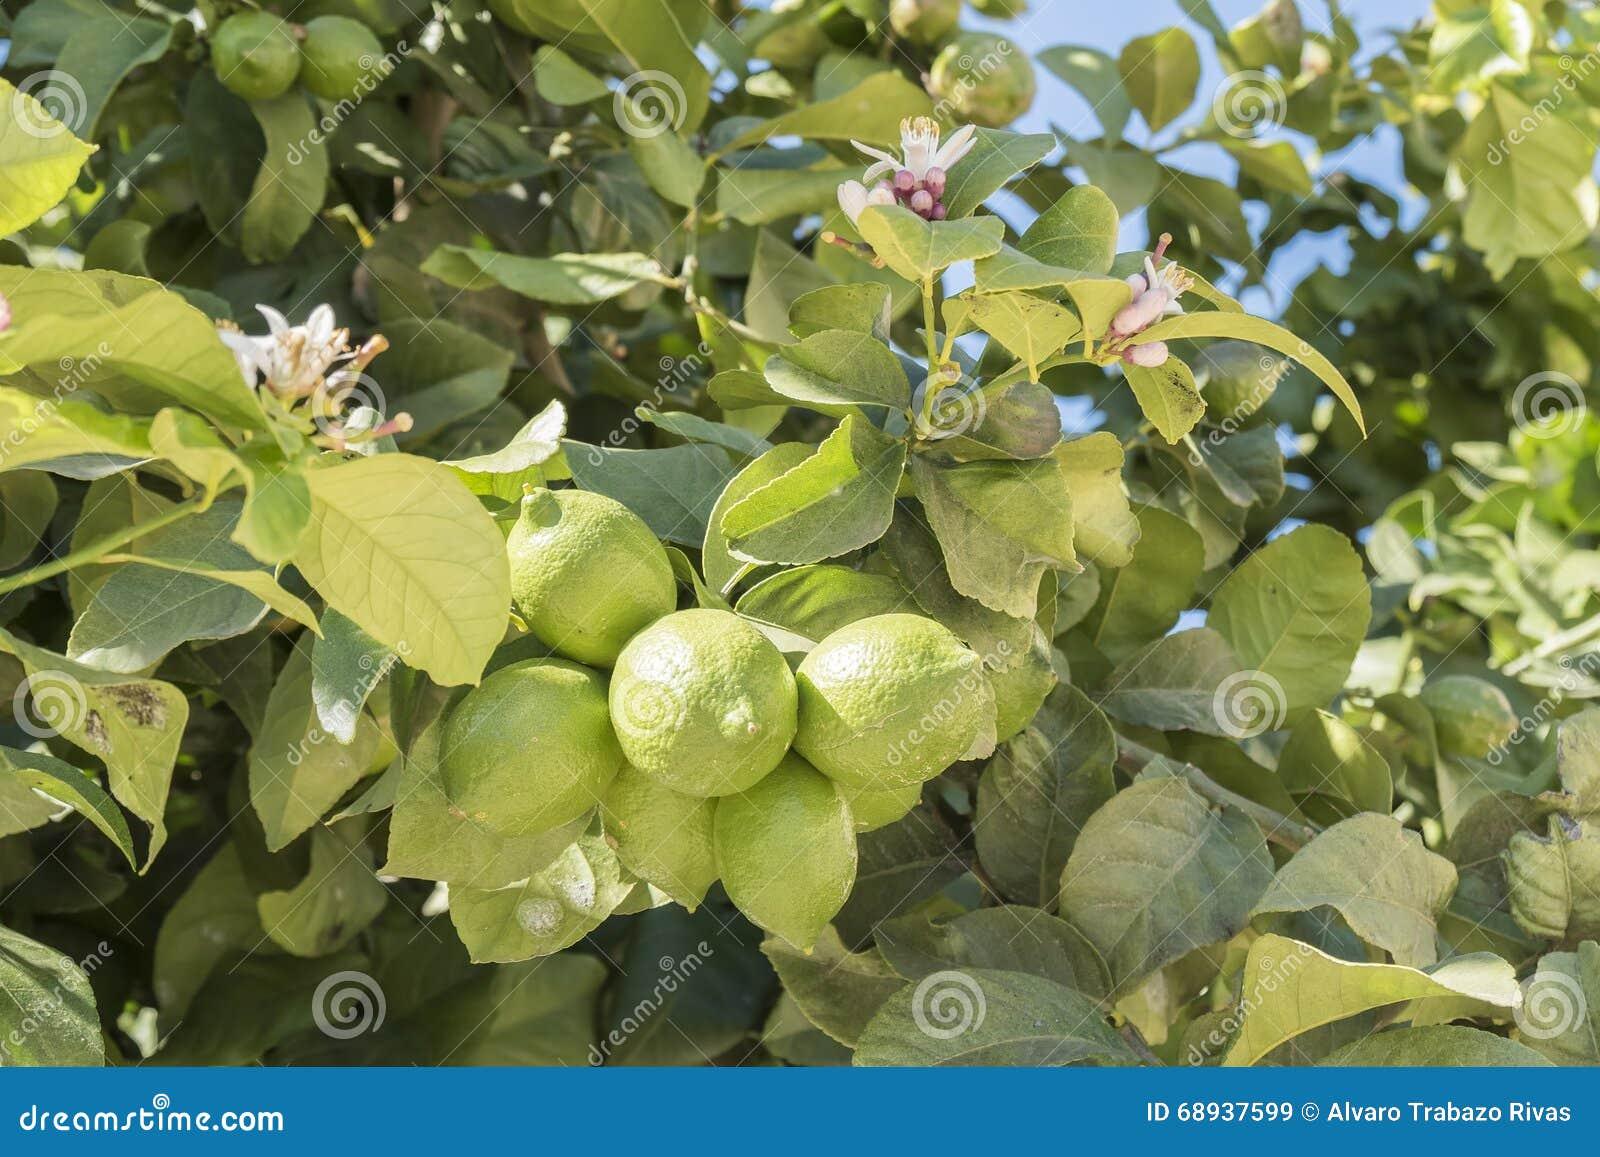 citrons non mûrs sur l'arbre, fleur de citron image stock - image du